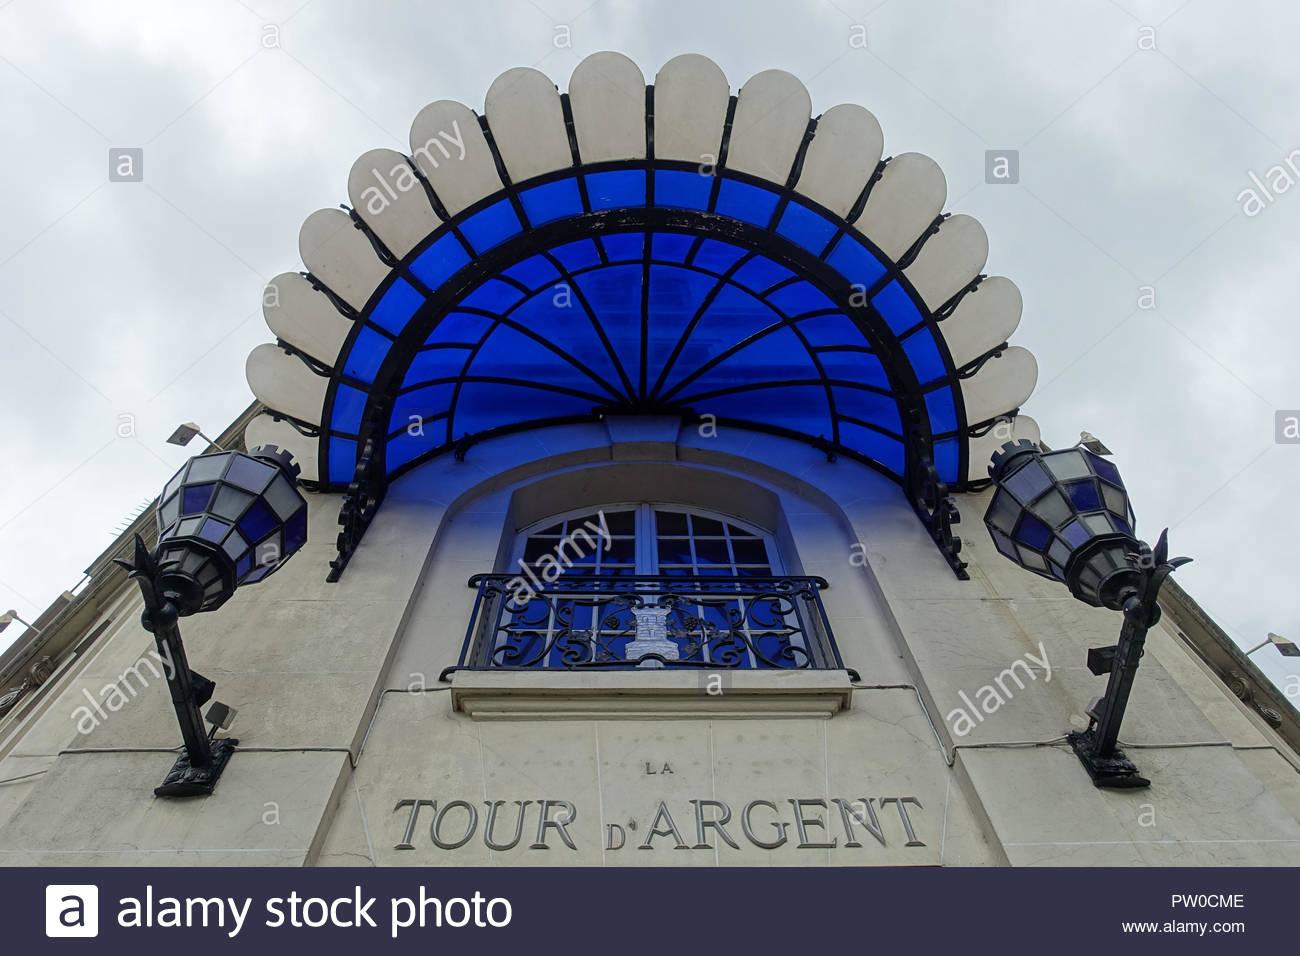 Paris, Restaurant La Tour d Argent (La Tour díArgent in Paris ist ein weltweit bekanntes Restaurant. Nach eigenen Angaben wurde es im Jahr 1582 vom Ko - Stock Image